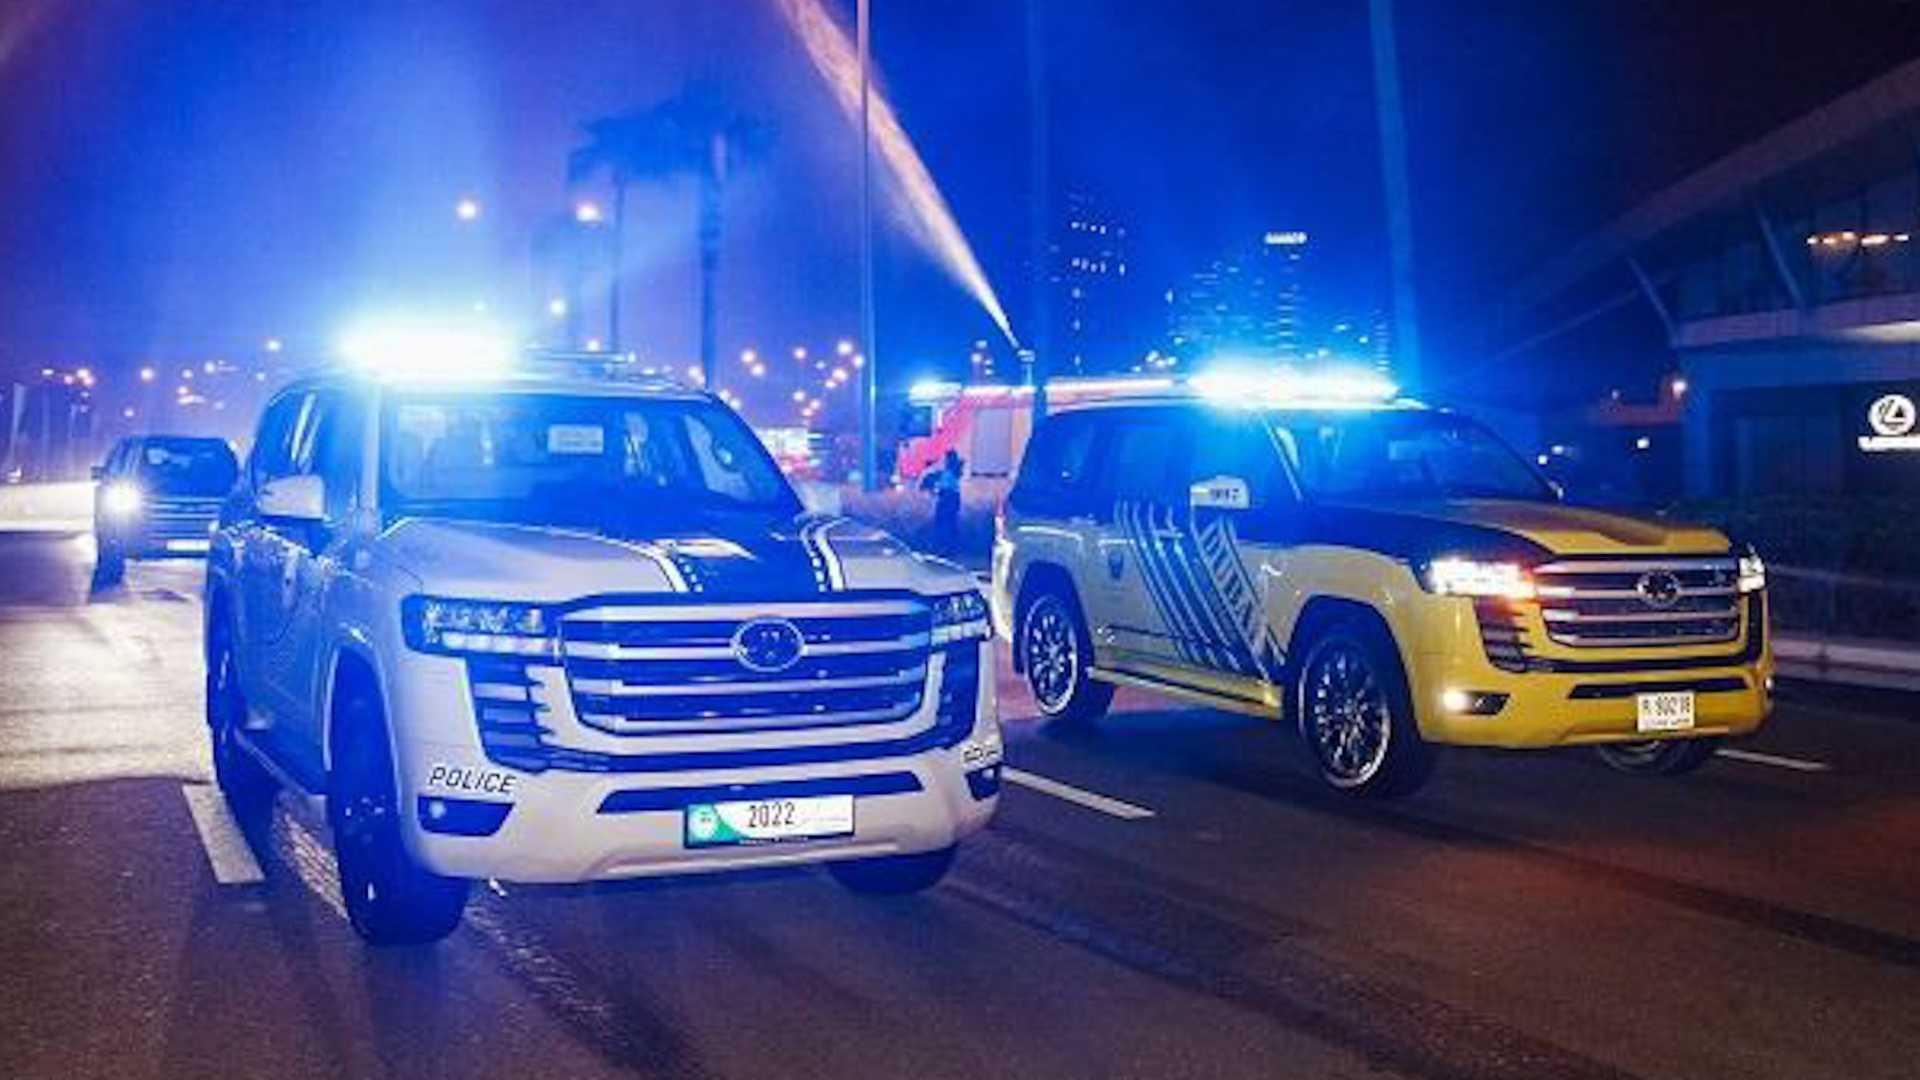 تویوتا لندکروز 2022 خودرو جدید پلیس کشور امارات